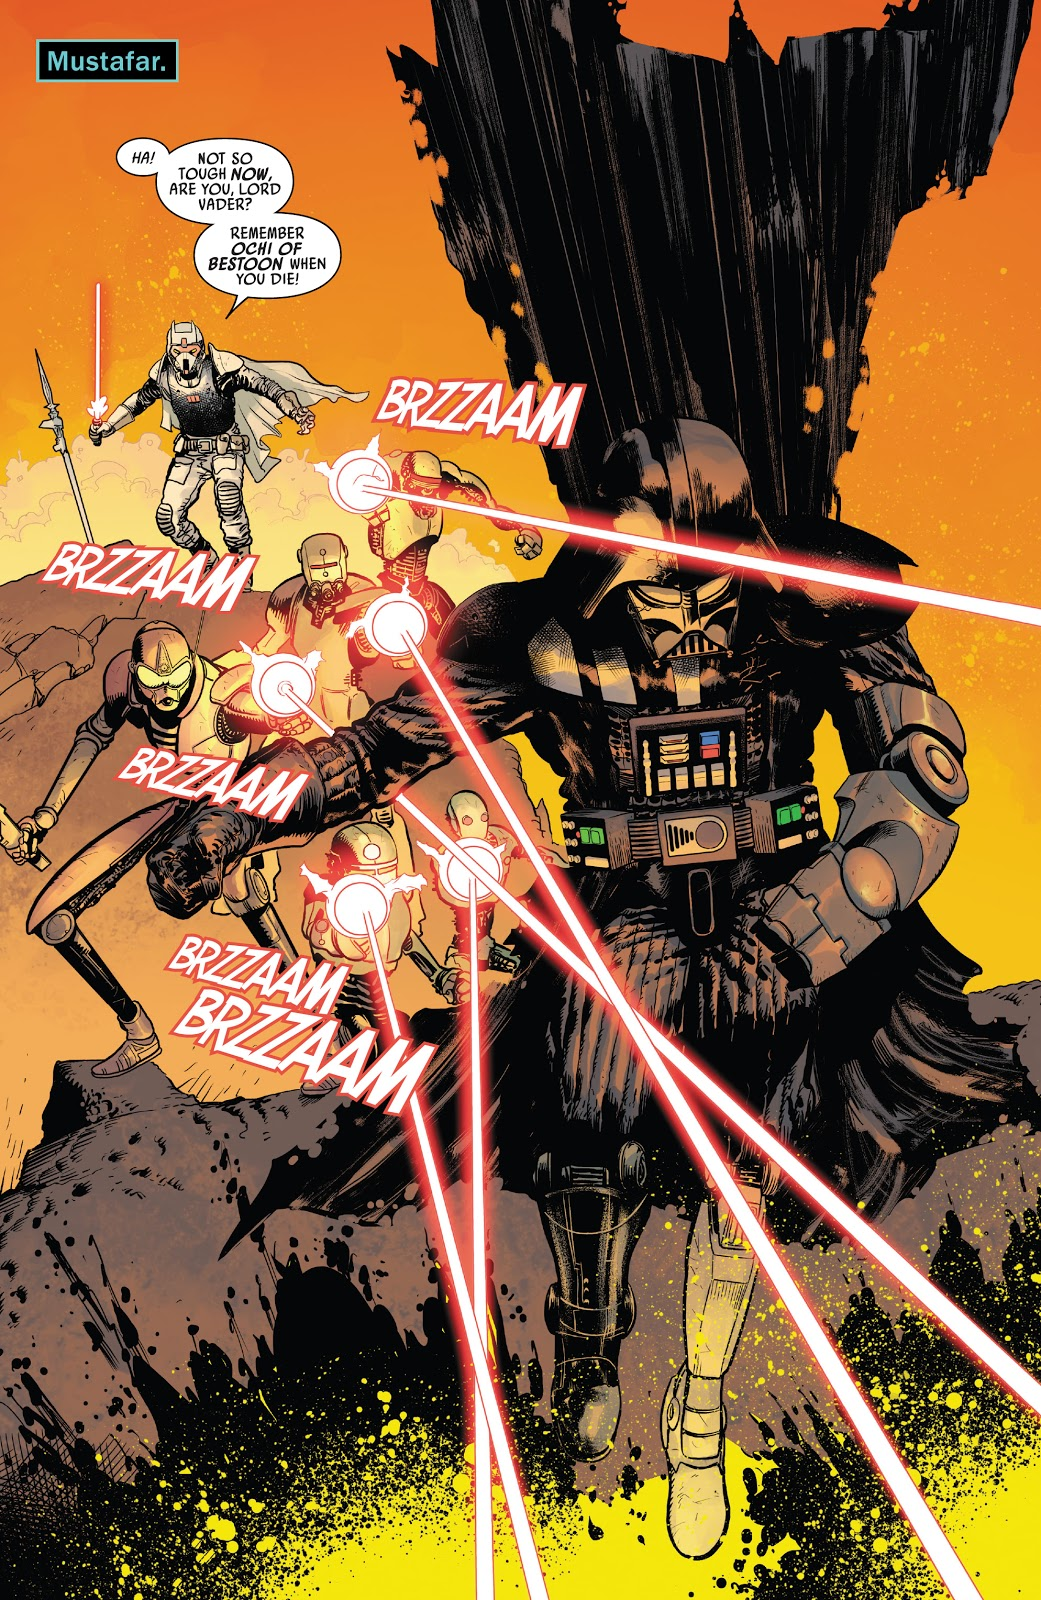 Star Wars: Darth Vader Vol. 1 #9